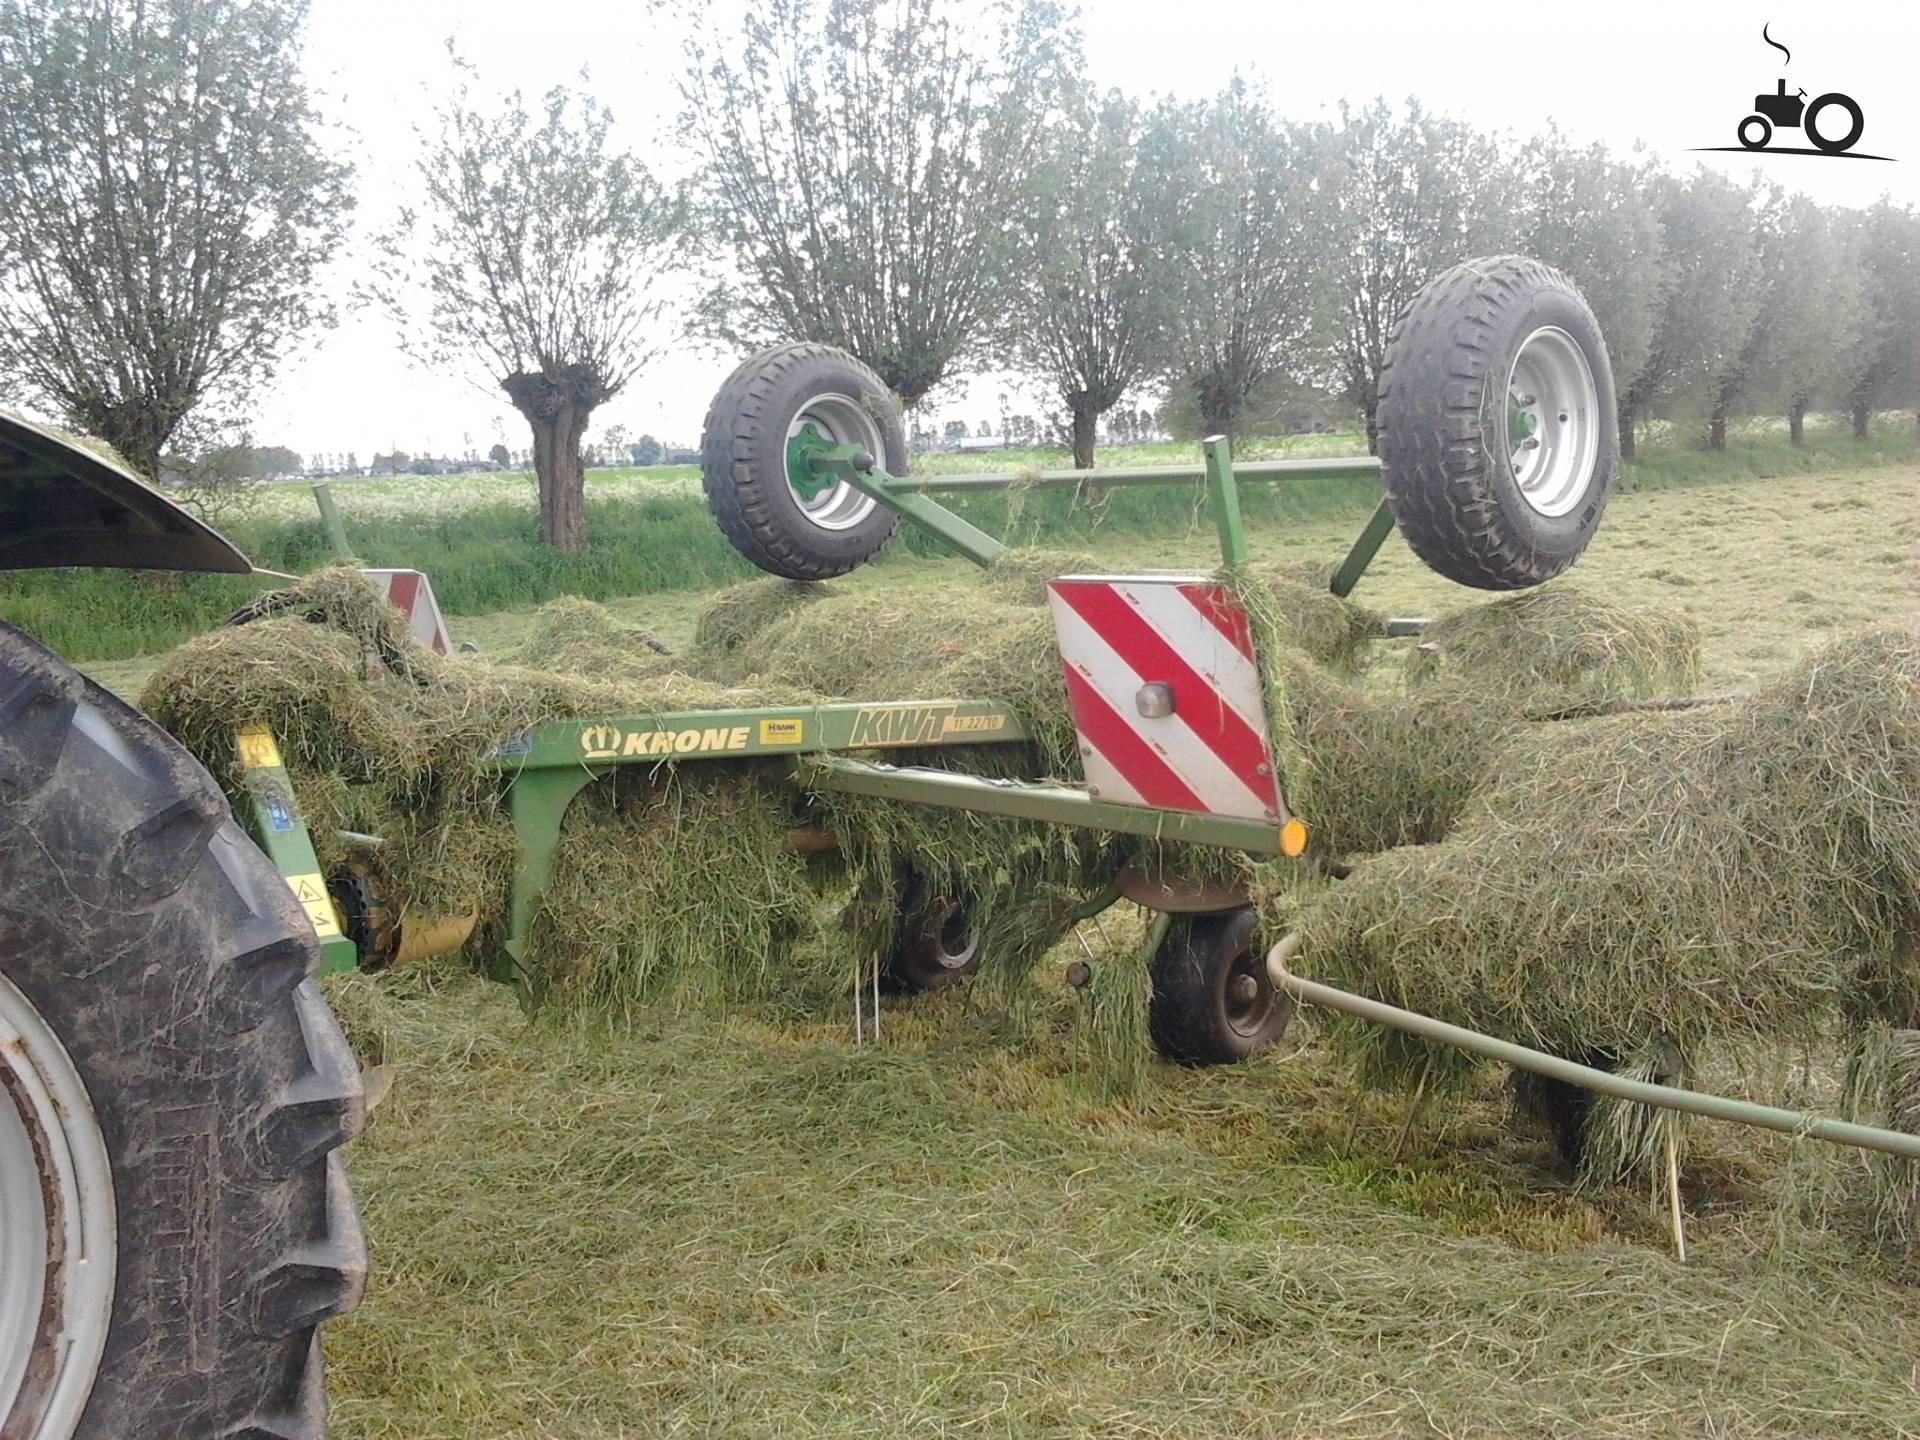 Met gras schudden.. 2 jaar geleden geplaatst door mf gek gerbert